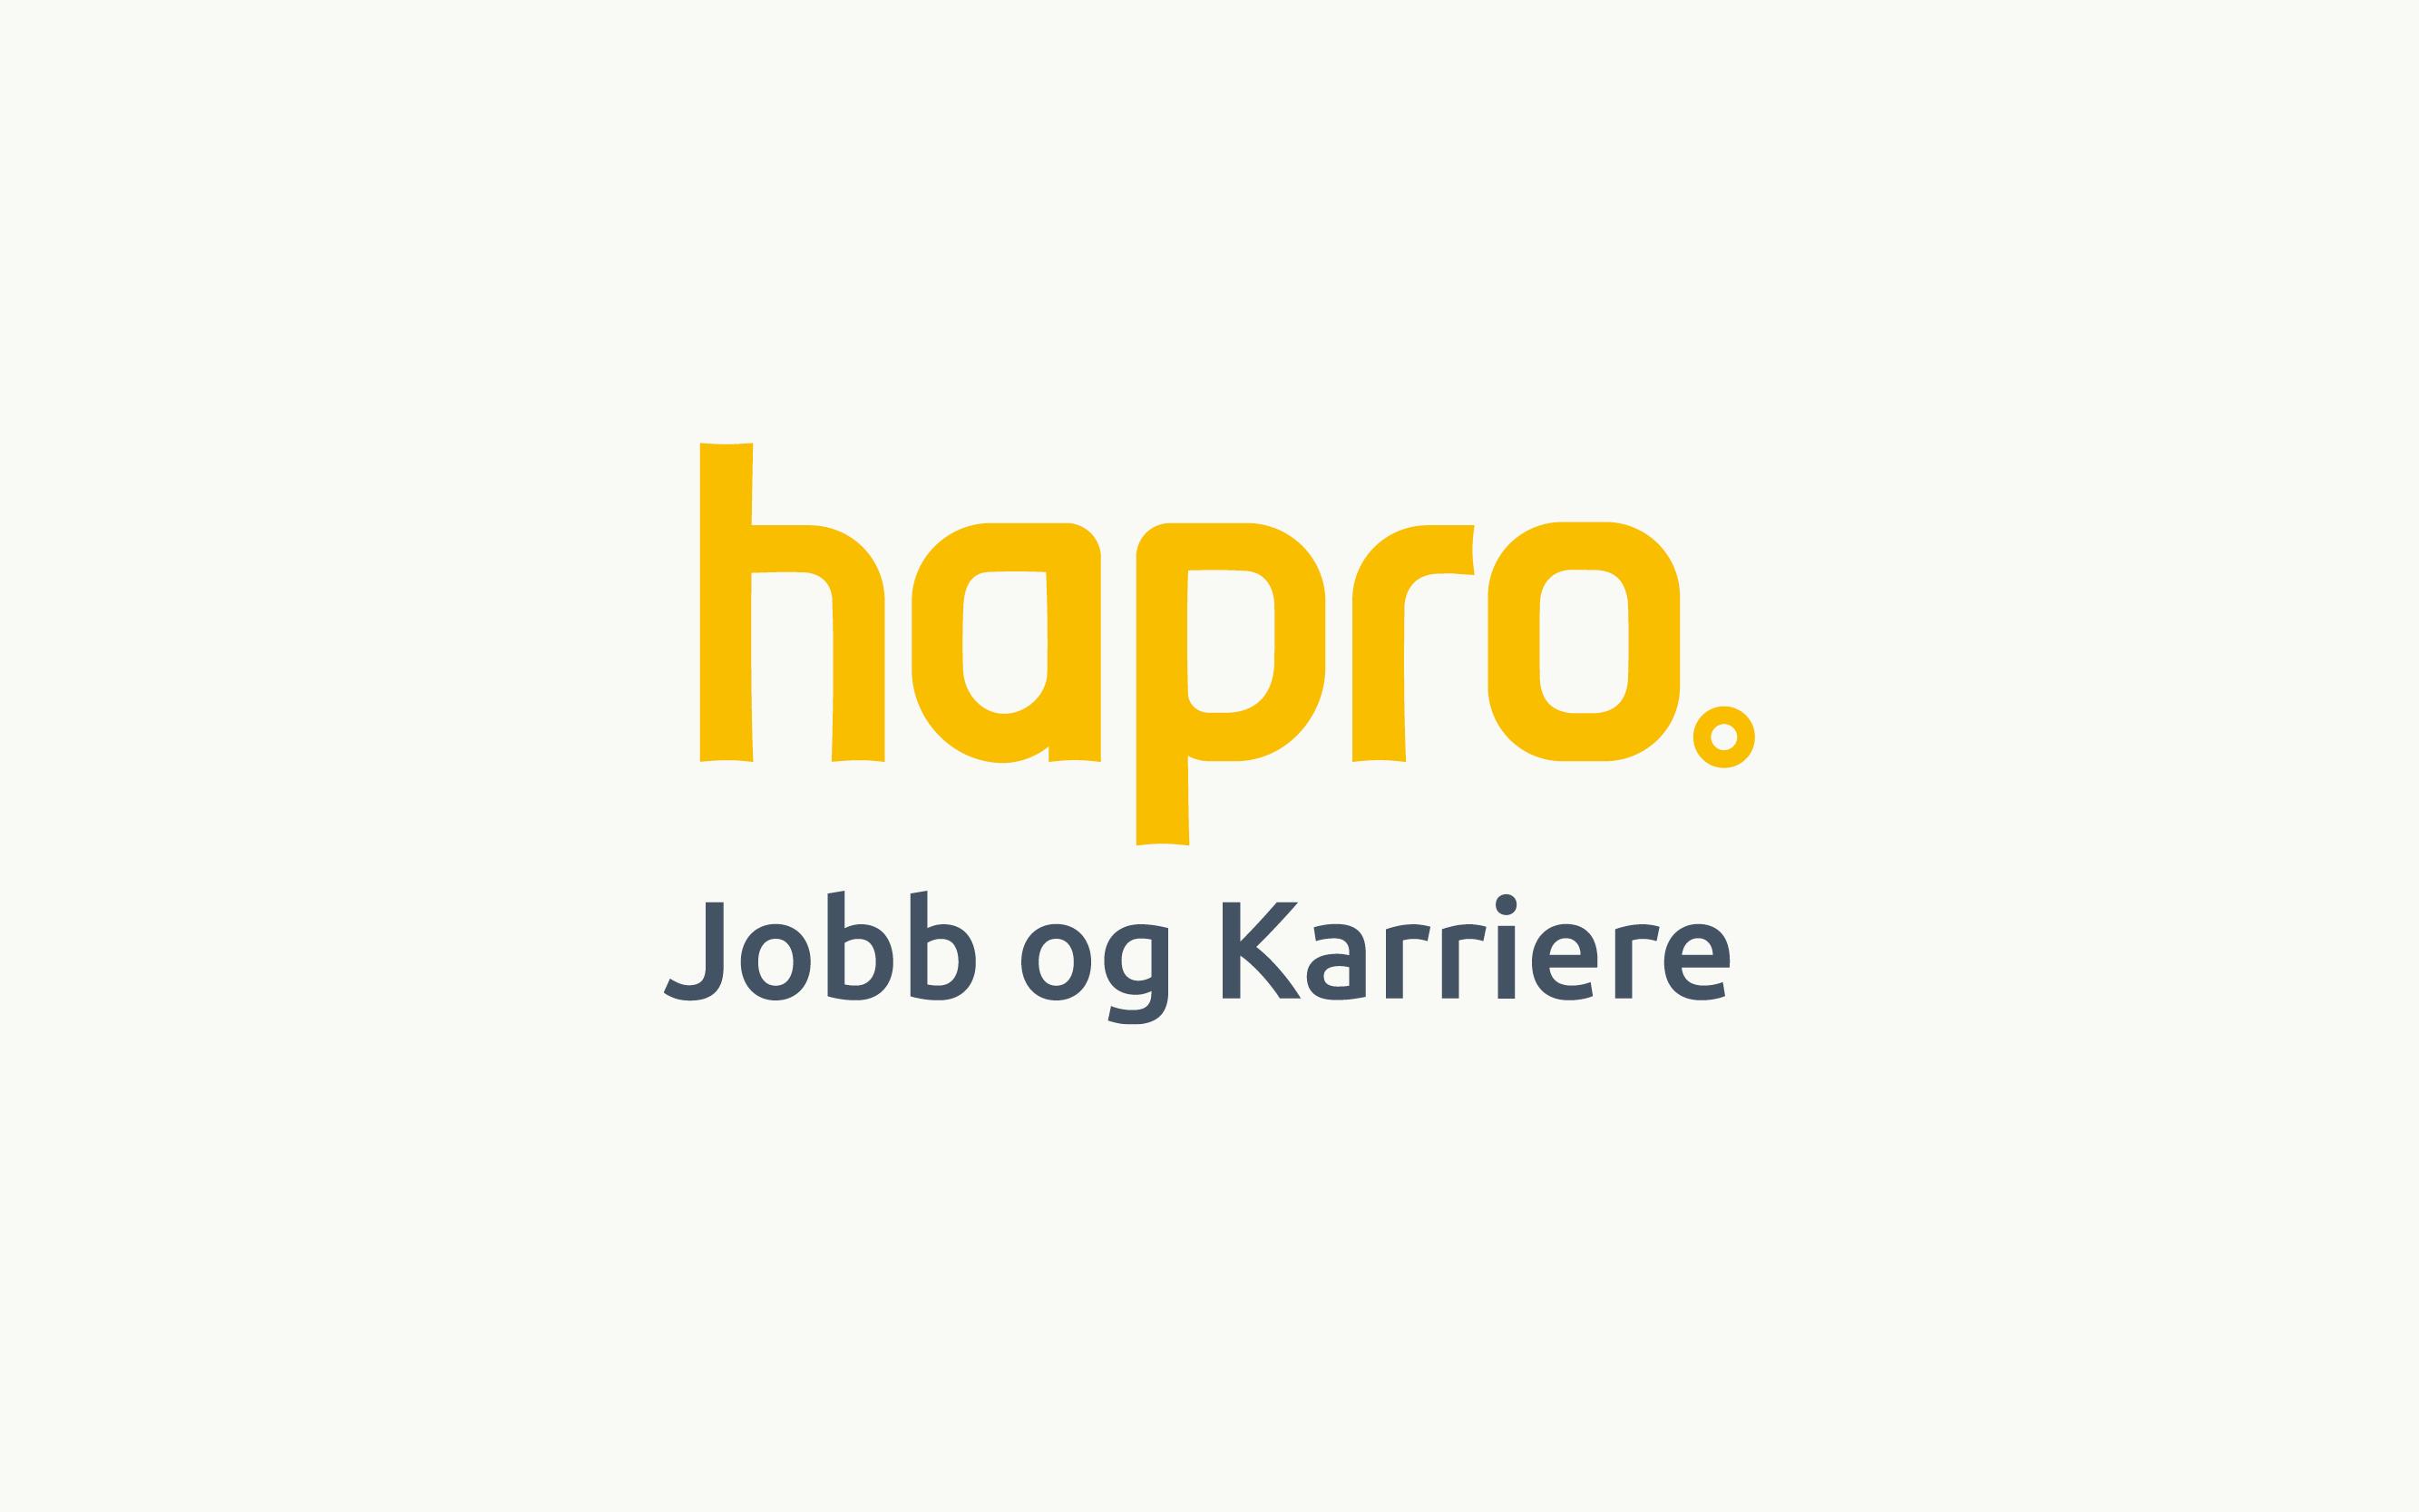 Hapro jobb og karriere logo